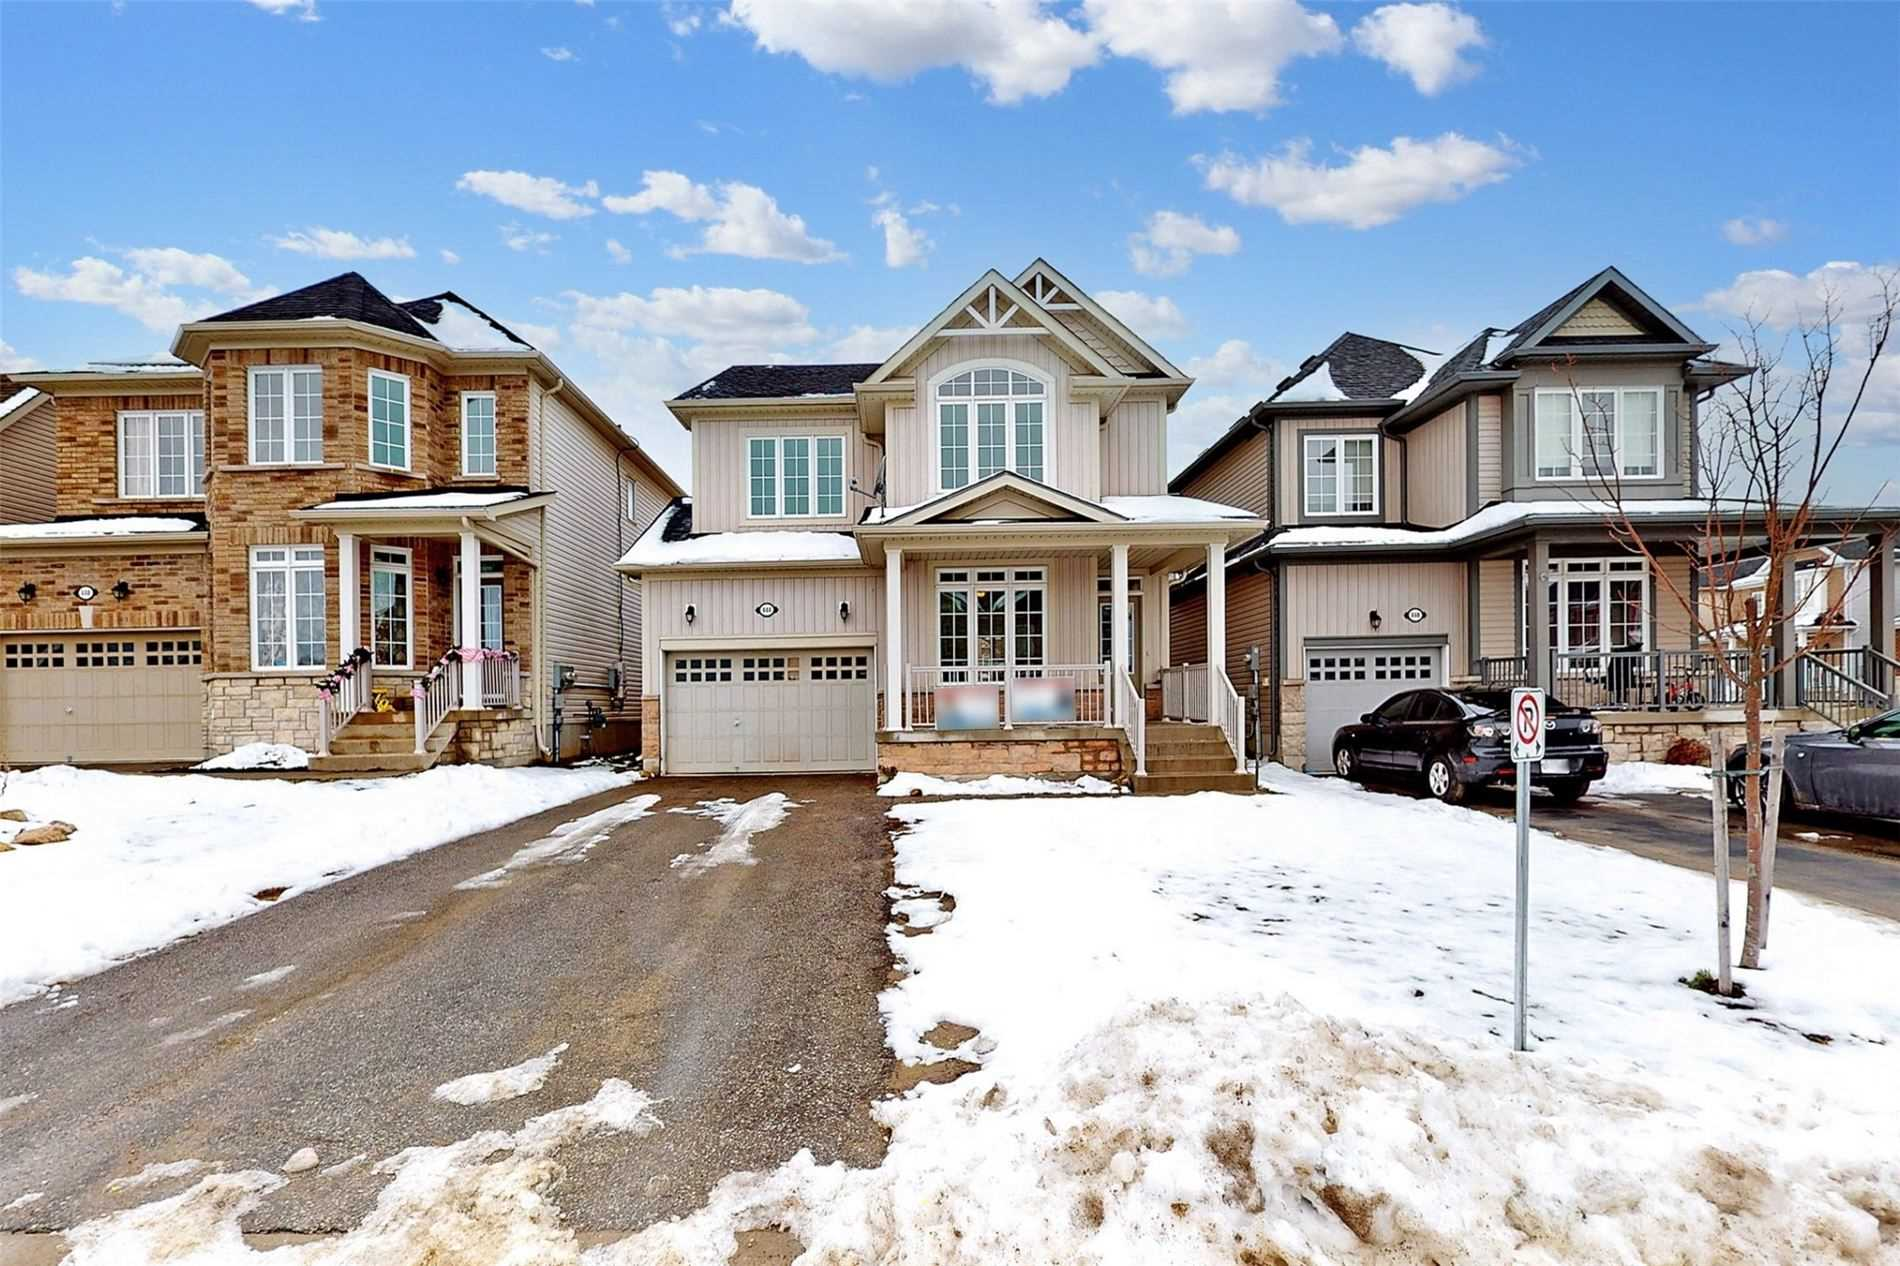 444 Galbraith St, Shelburne Ontario, Canada